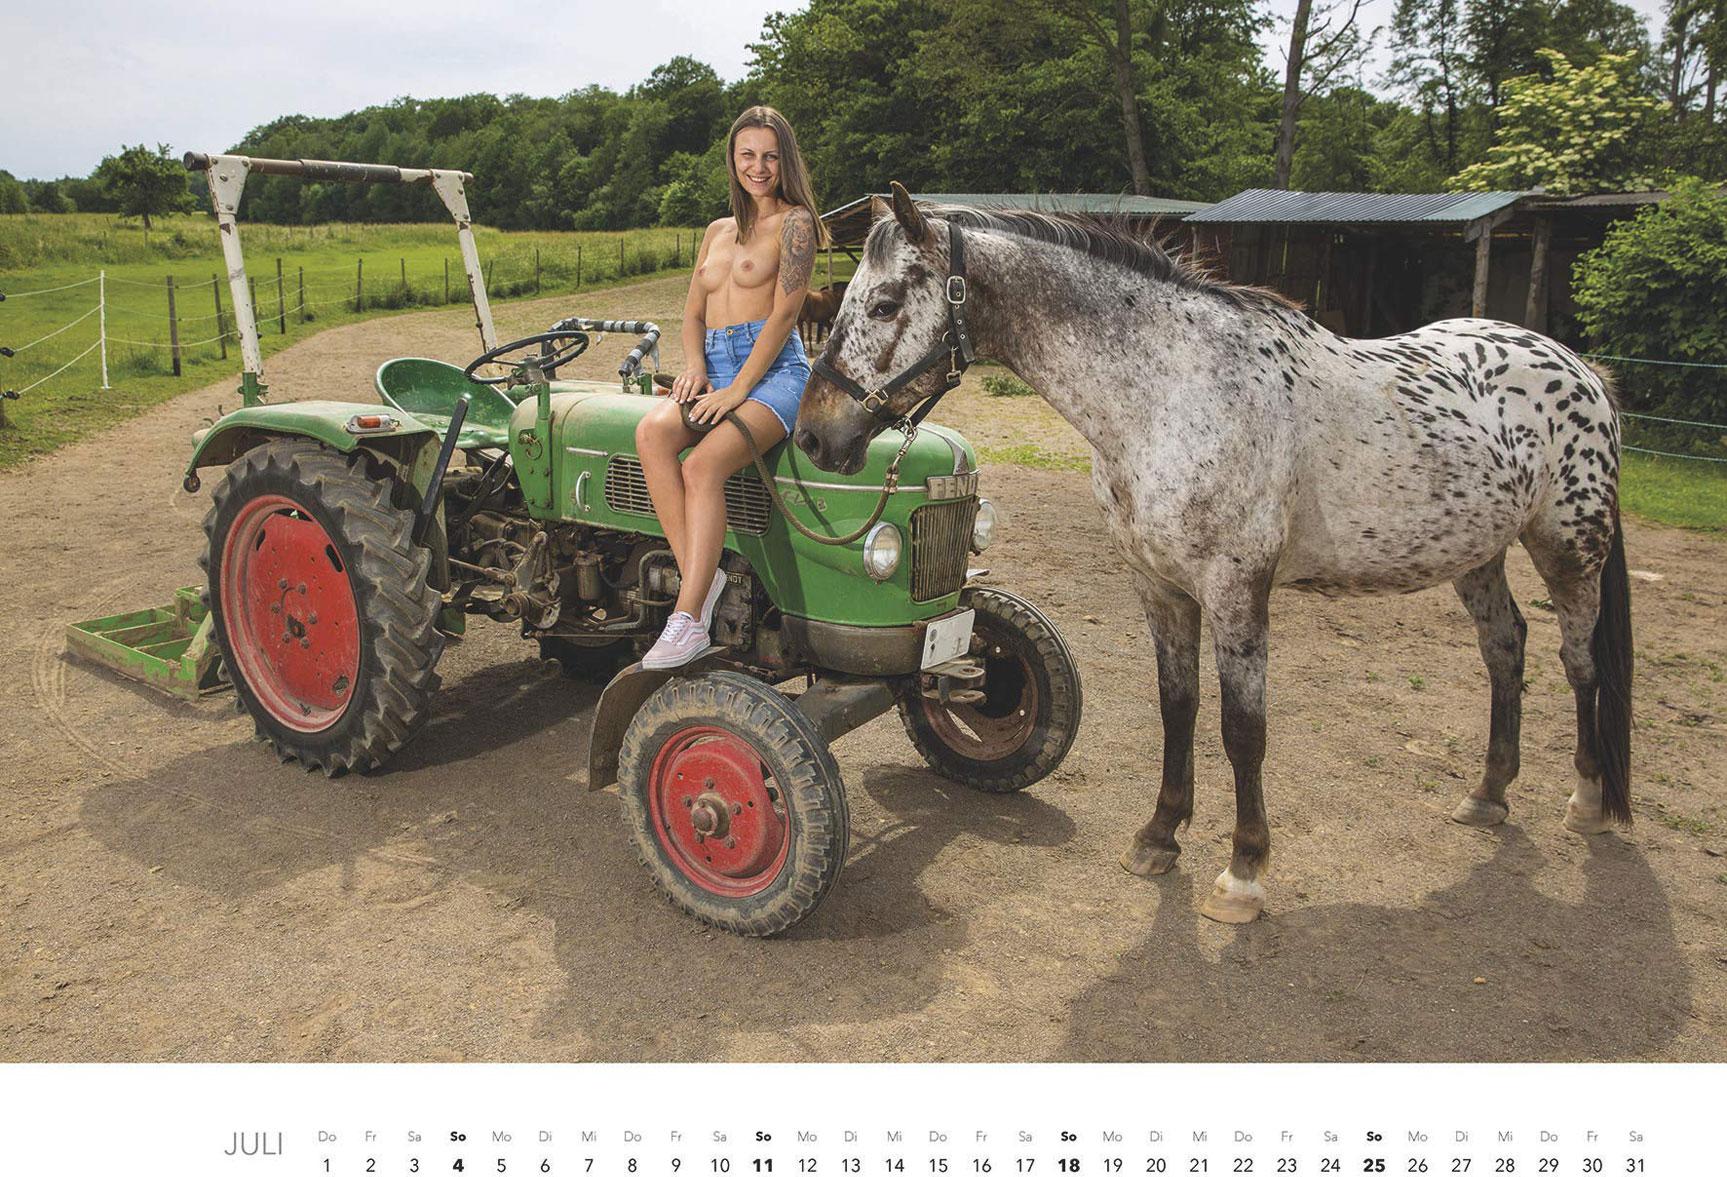 Эротический календарь -Мечты молодых фермеров 2021- / июль